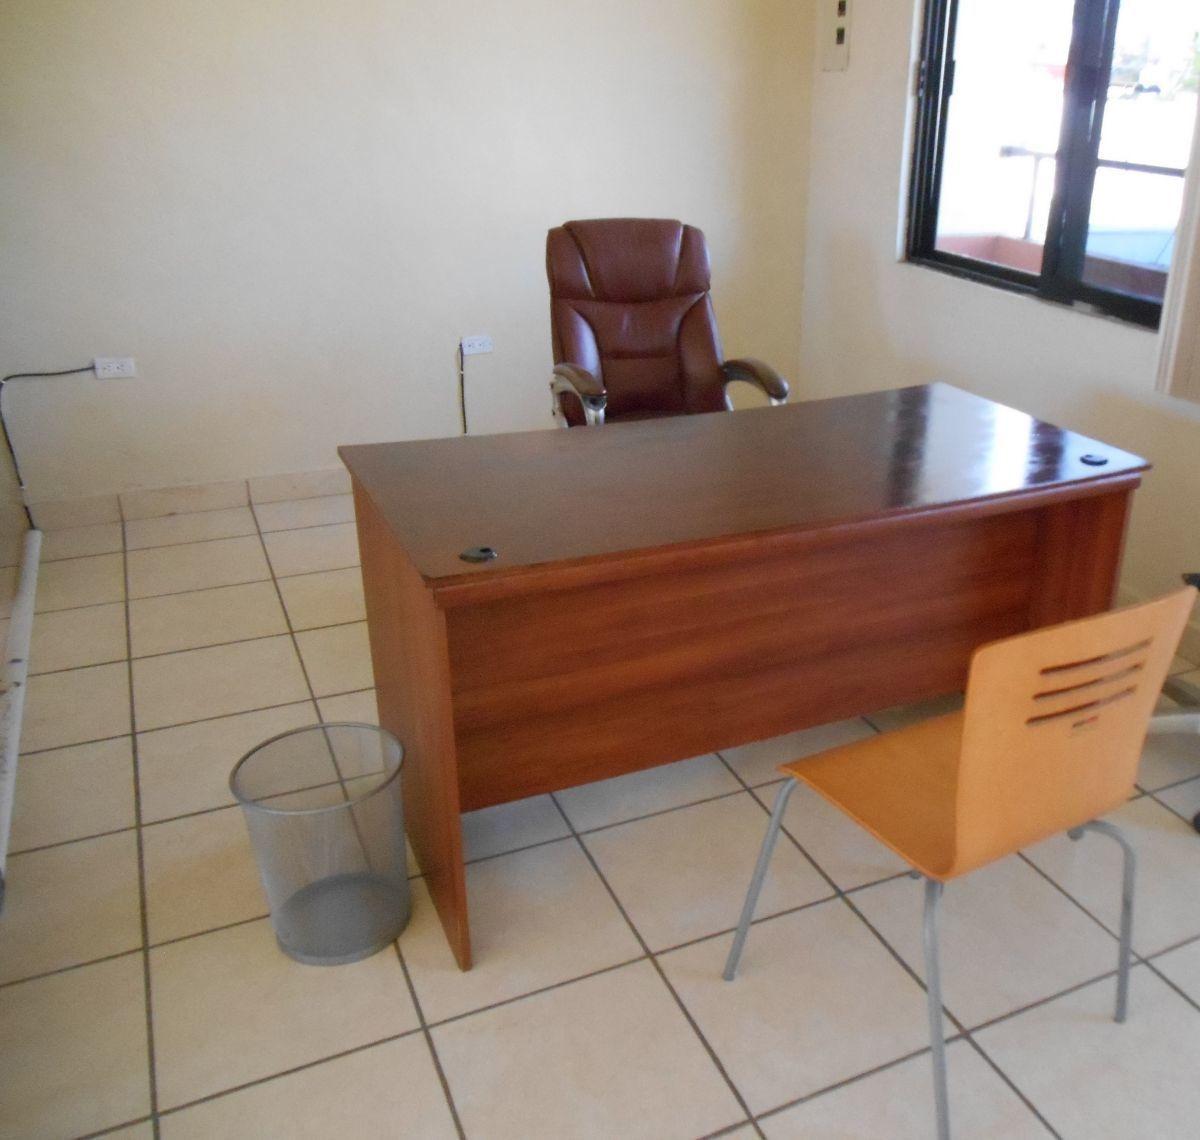 oficina amueblada en renta. morelos (3). centro de la paz. renta minima 1 año